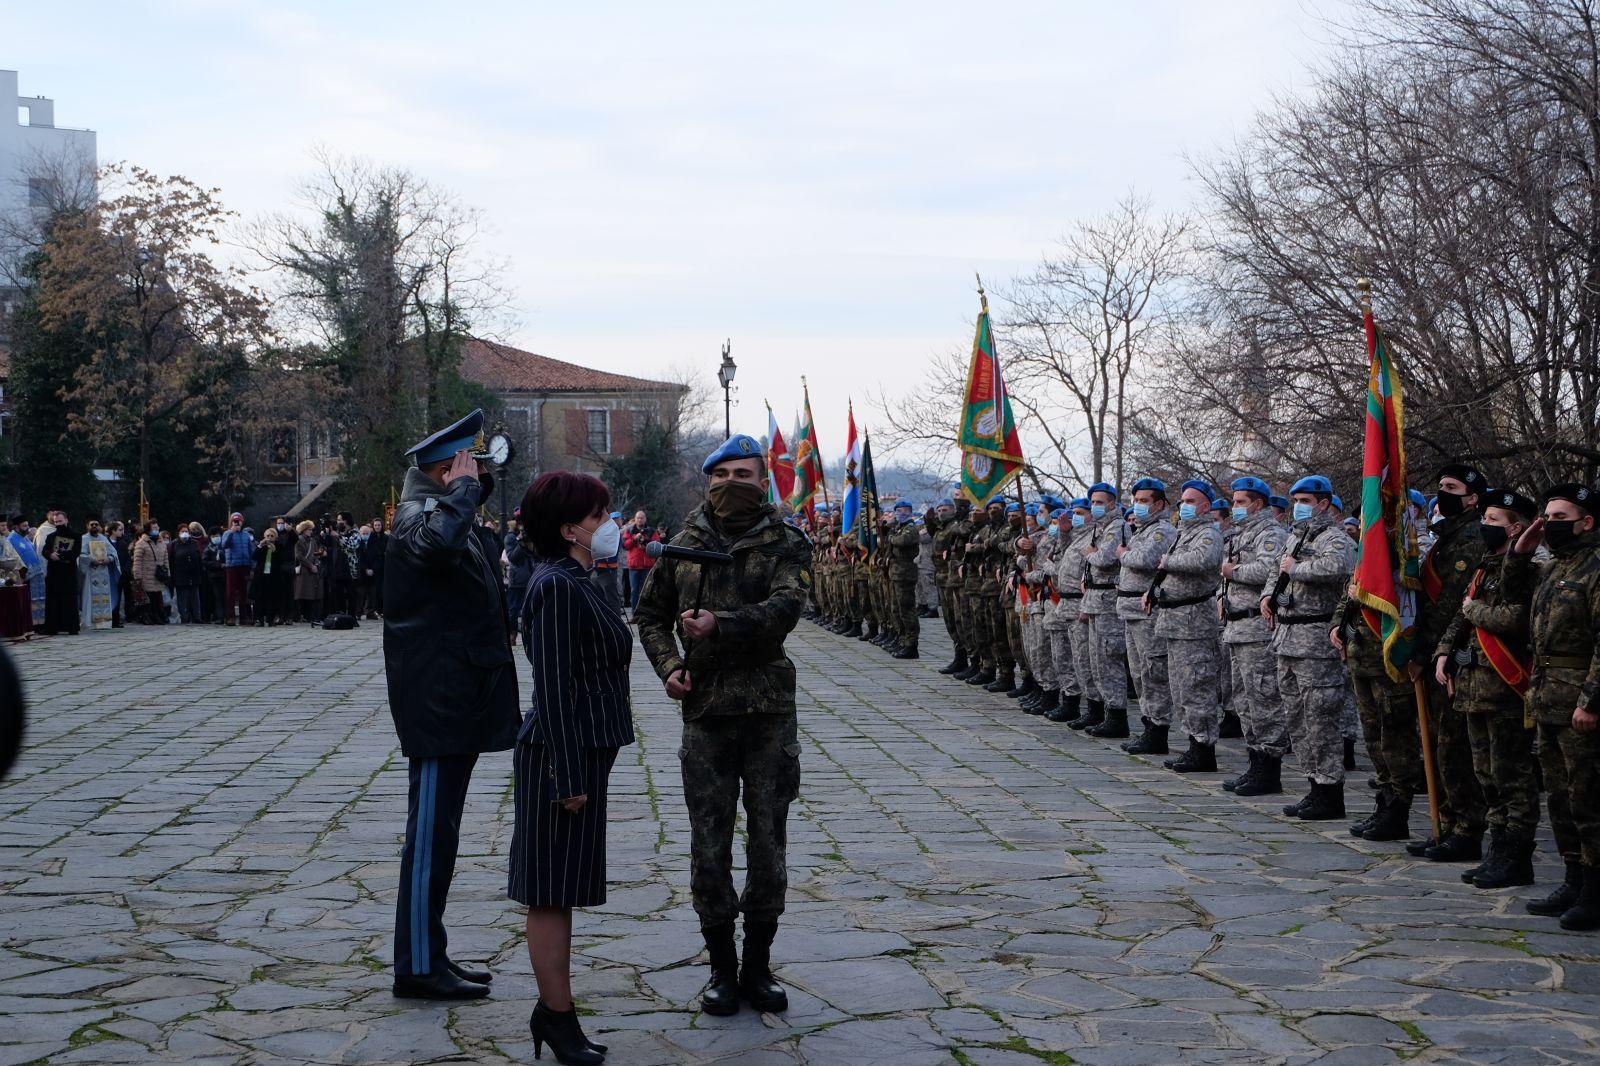 ГАЛЕРИЯ: Богоявленски водосвет на бойните знамена в Пловдив